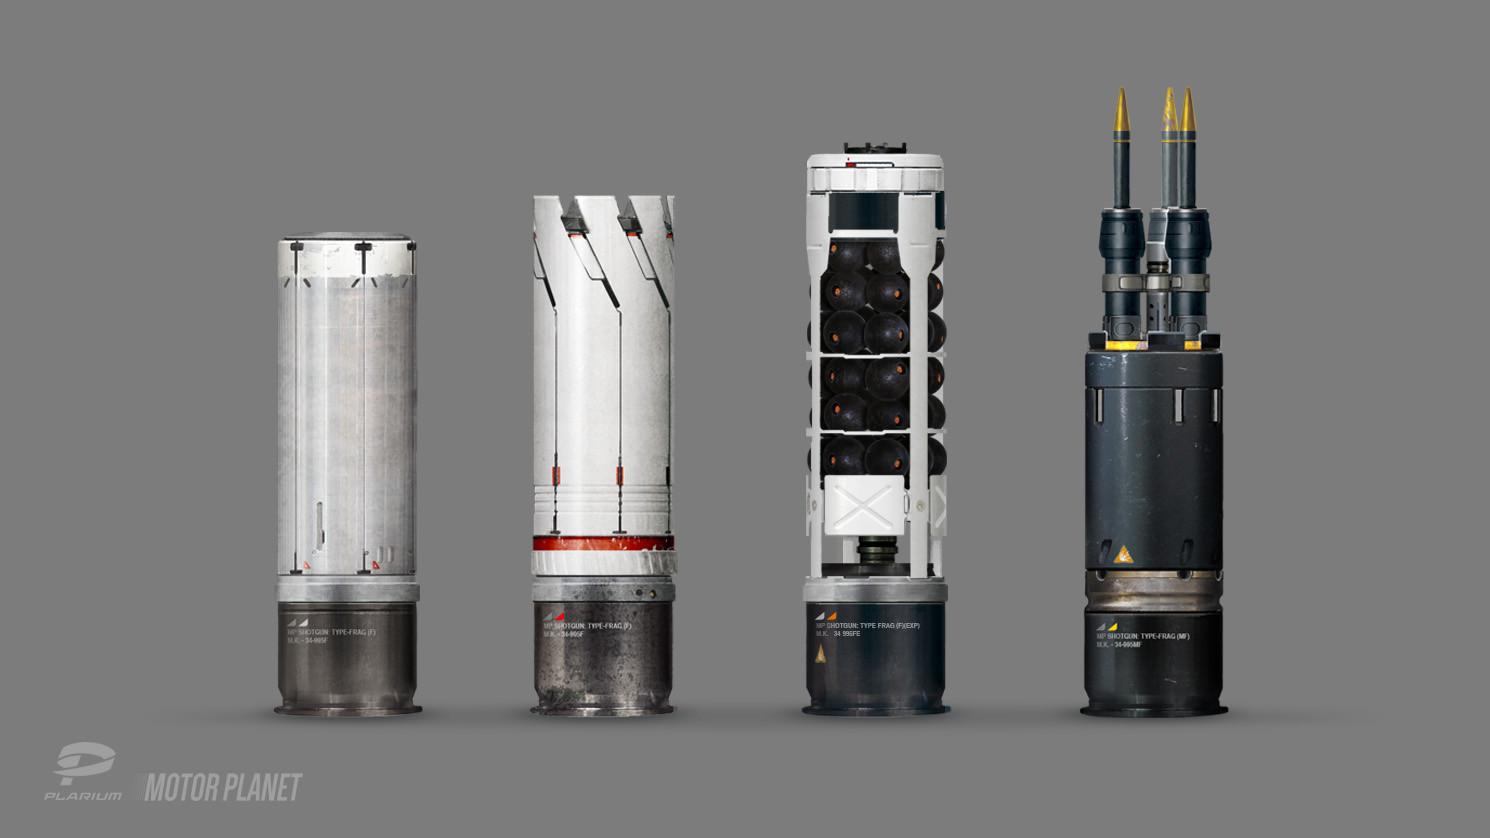 Tipa  graphic ammunition concepts shutgun 01 clean